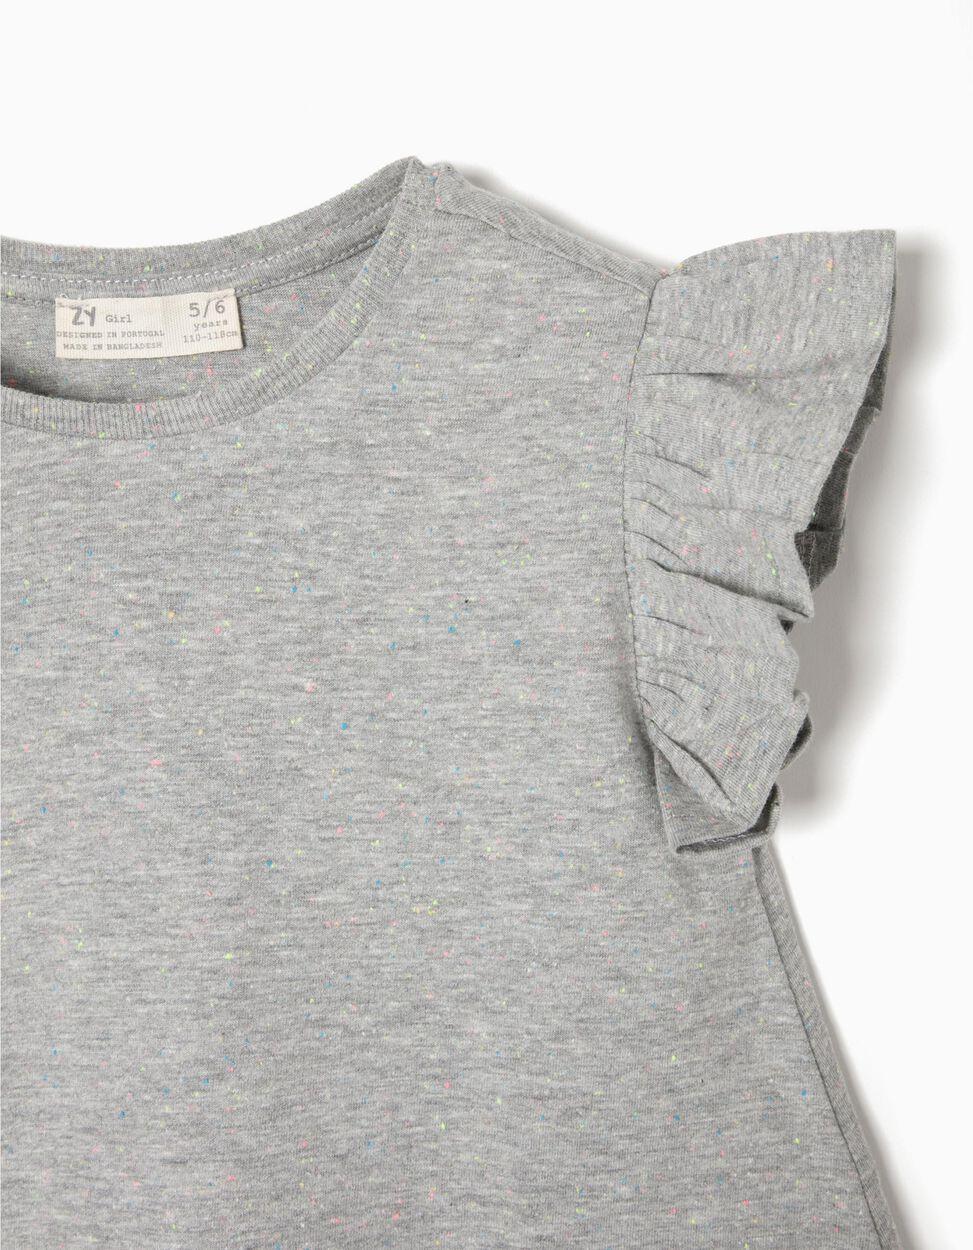 T-shirt Cinzenta Mesclada com Folhos